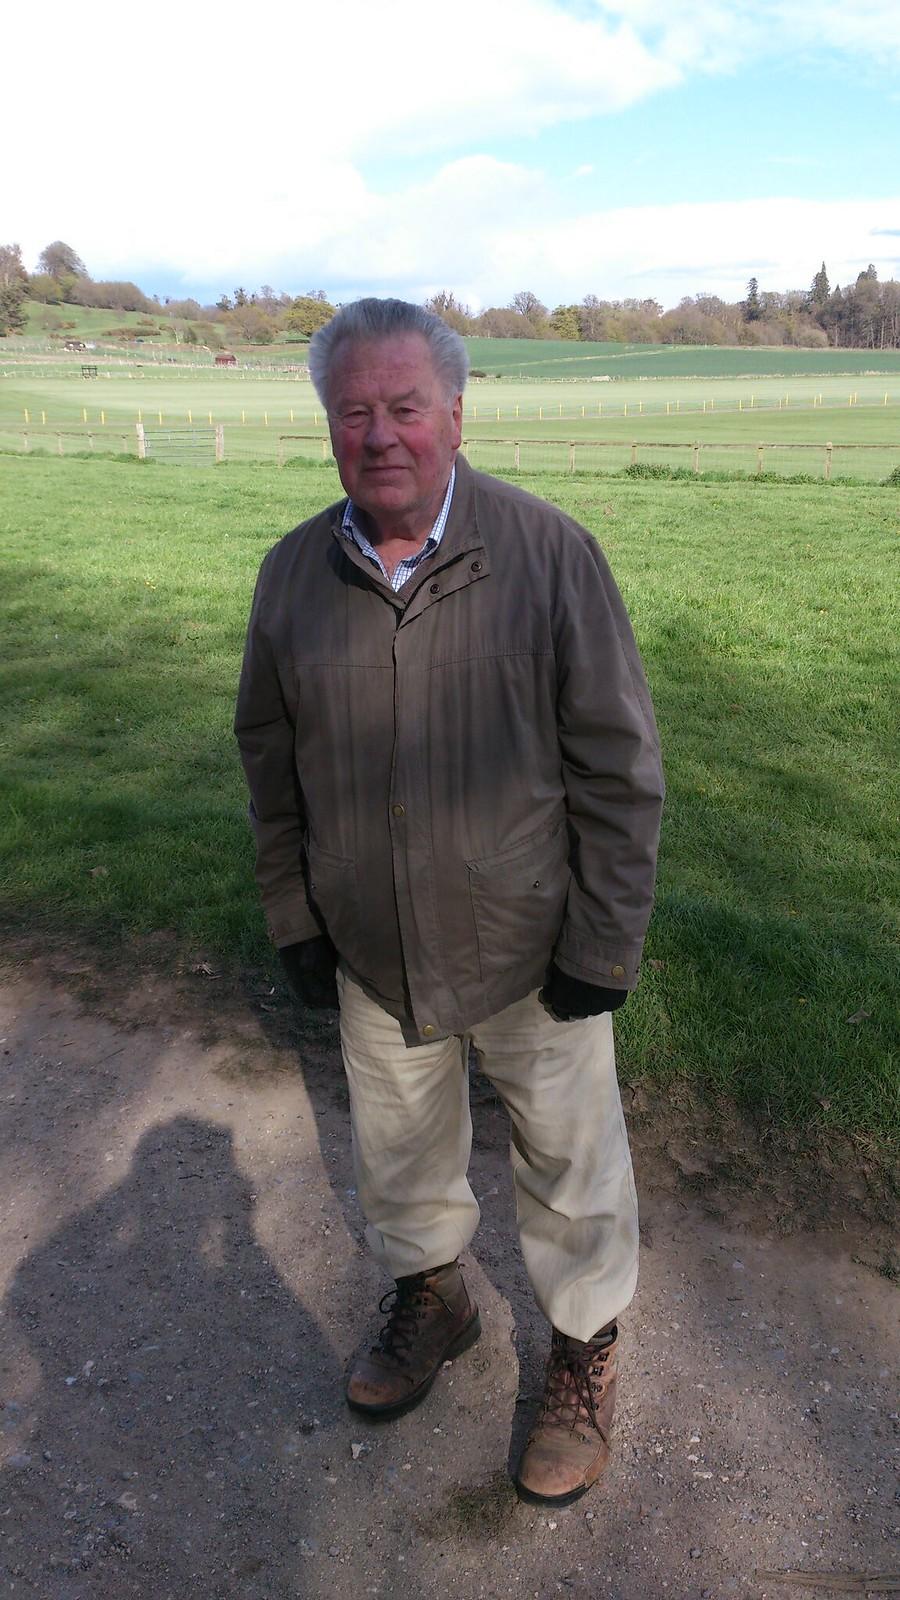 Founder of the Midhurst Way: John Trueman SWC Walk 217 Midhurst Way: Arundel to Midhurst